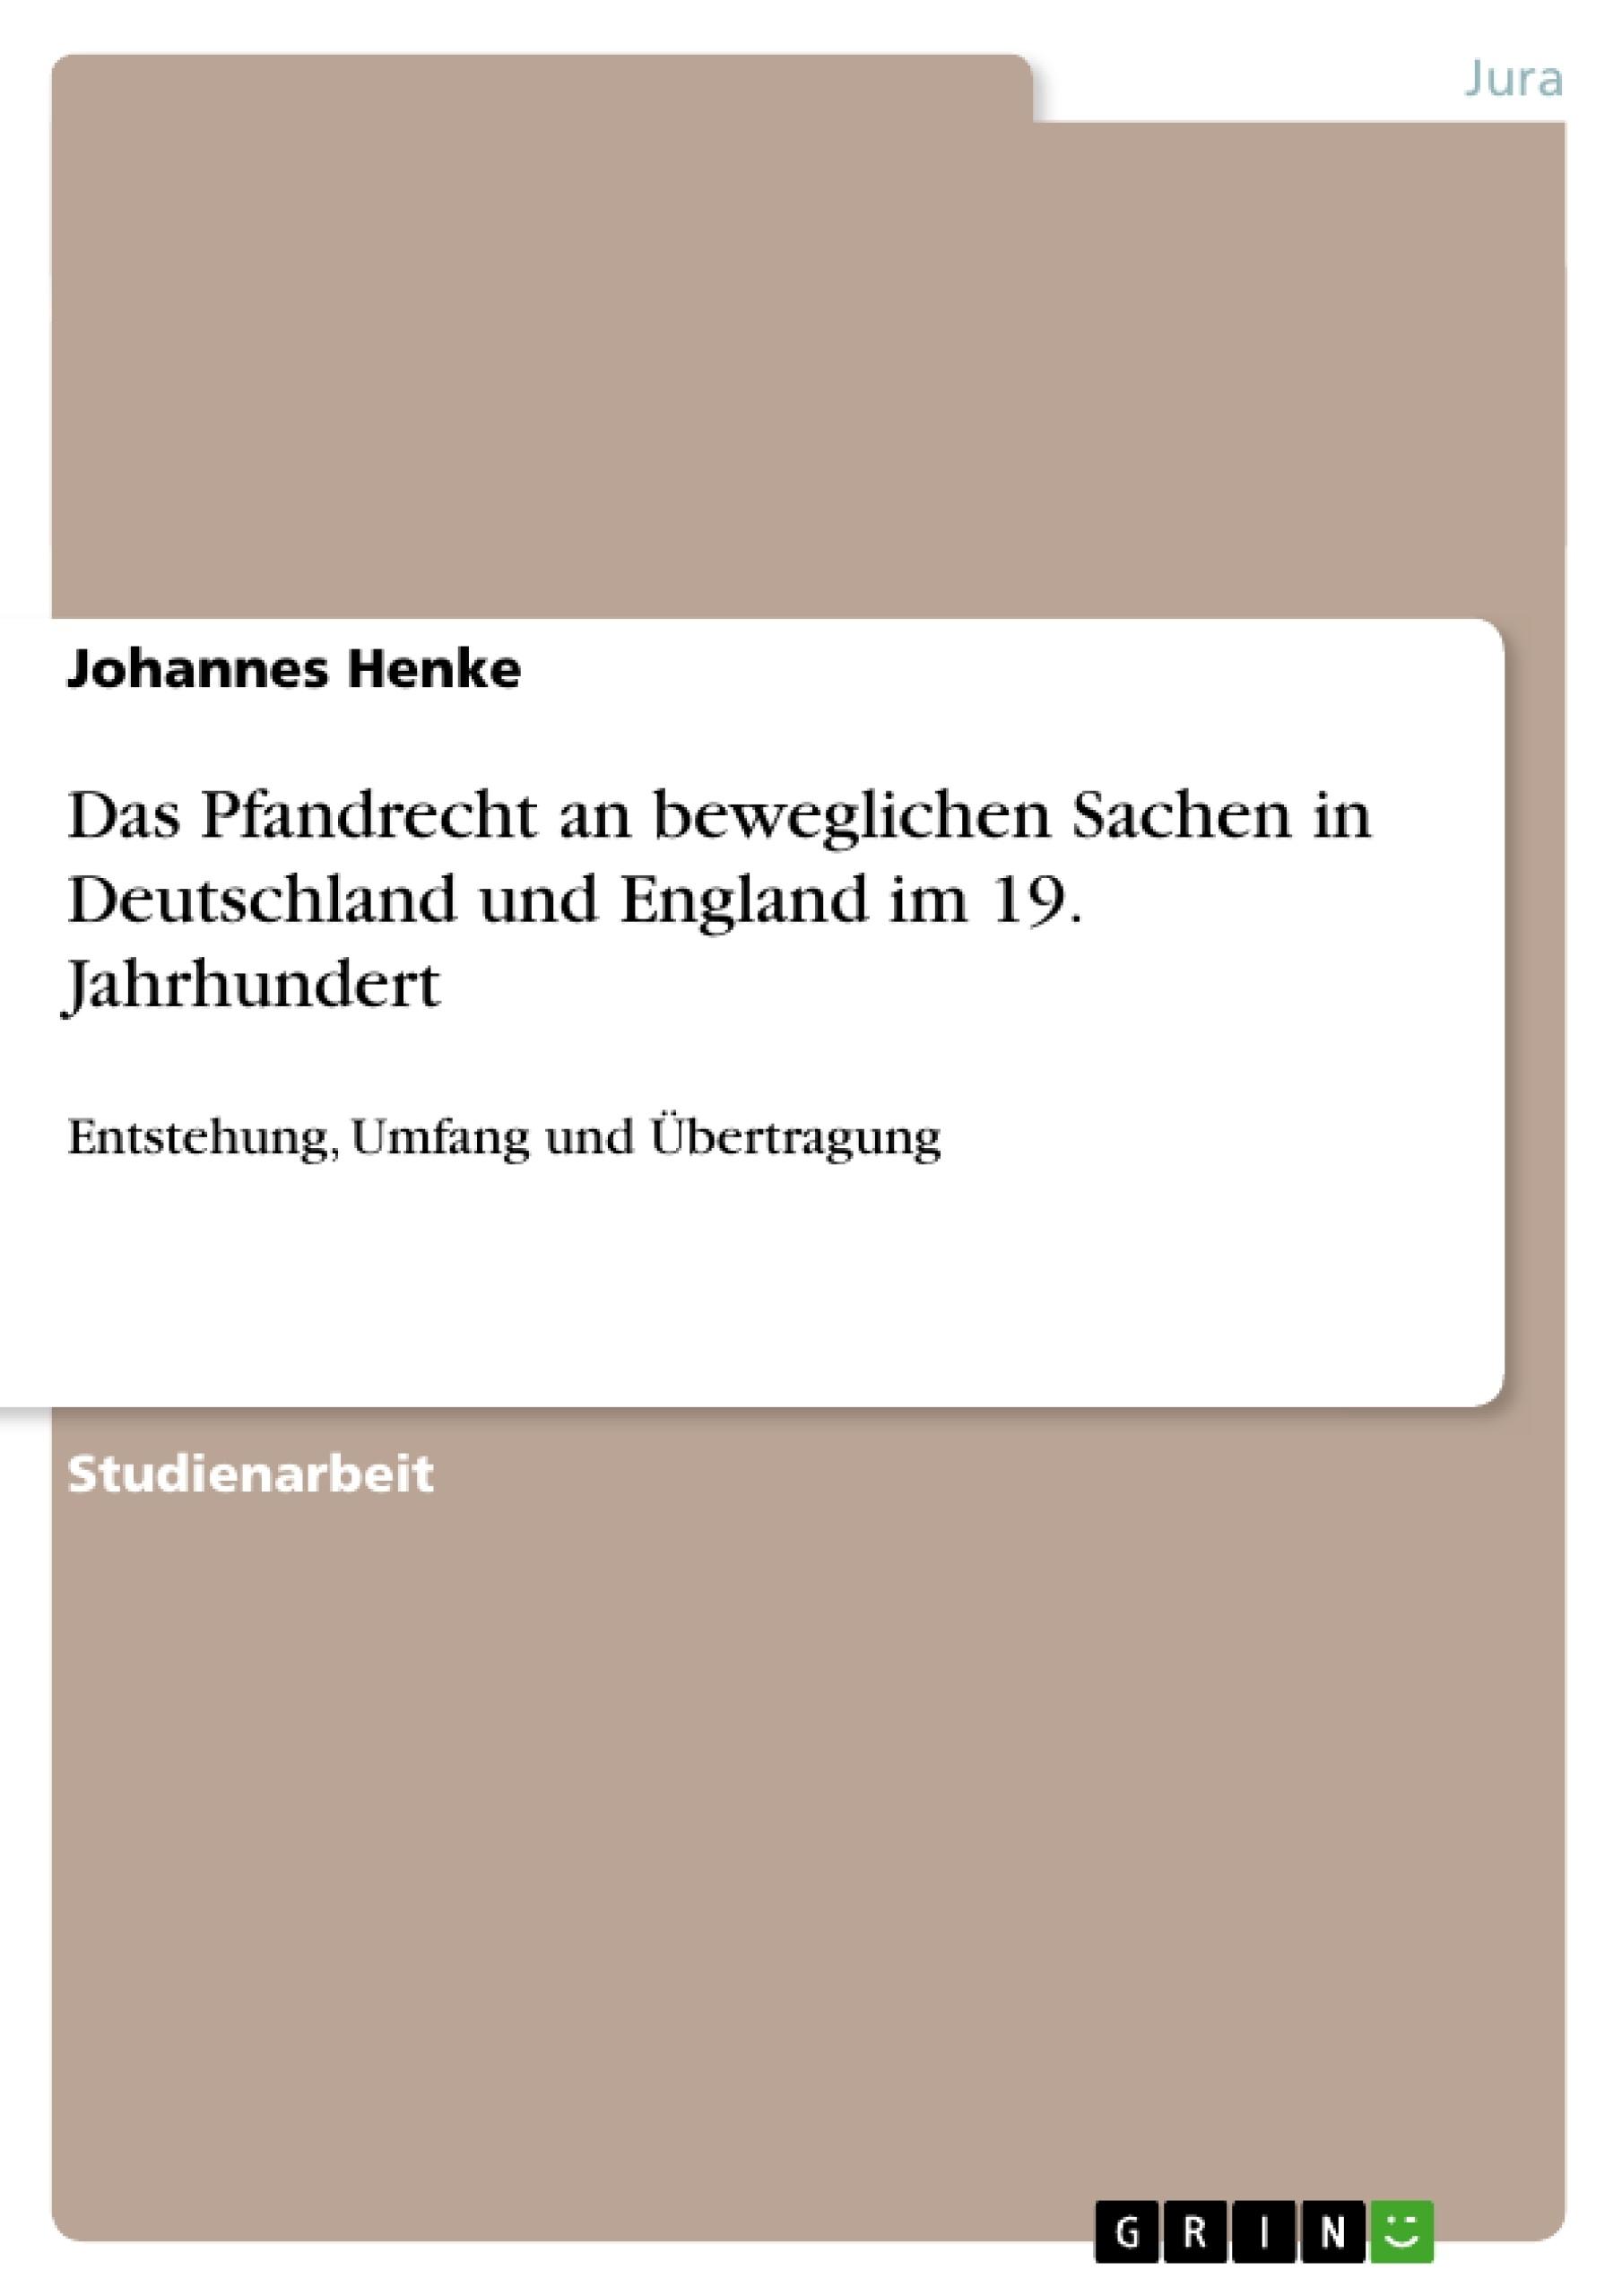 Titel: Das Pfandrecht an beweglichen Sachen in Deutschland und England im 19. Jahrhundert